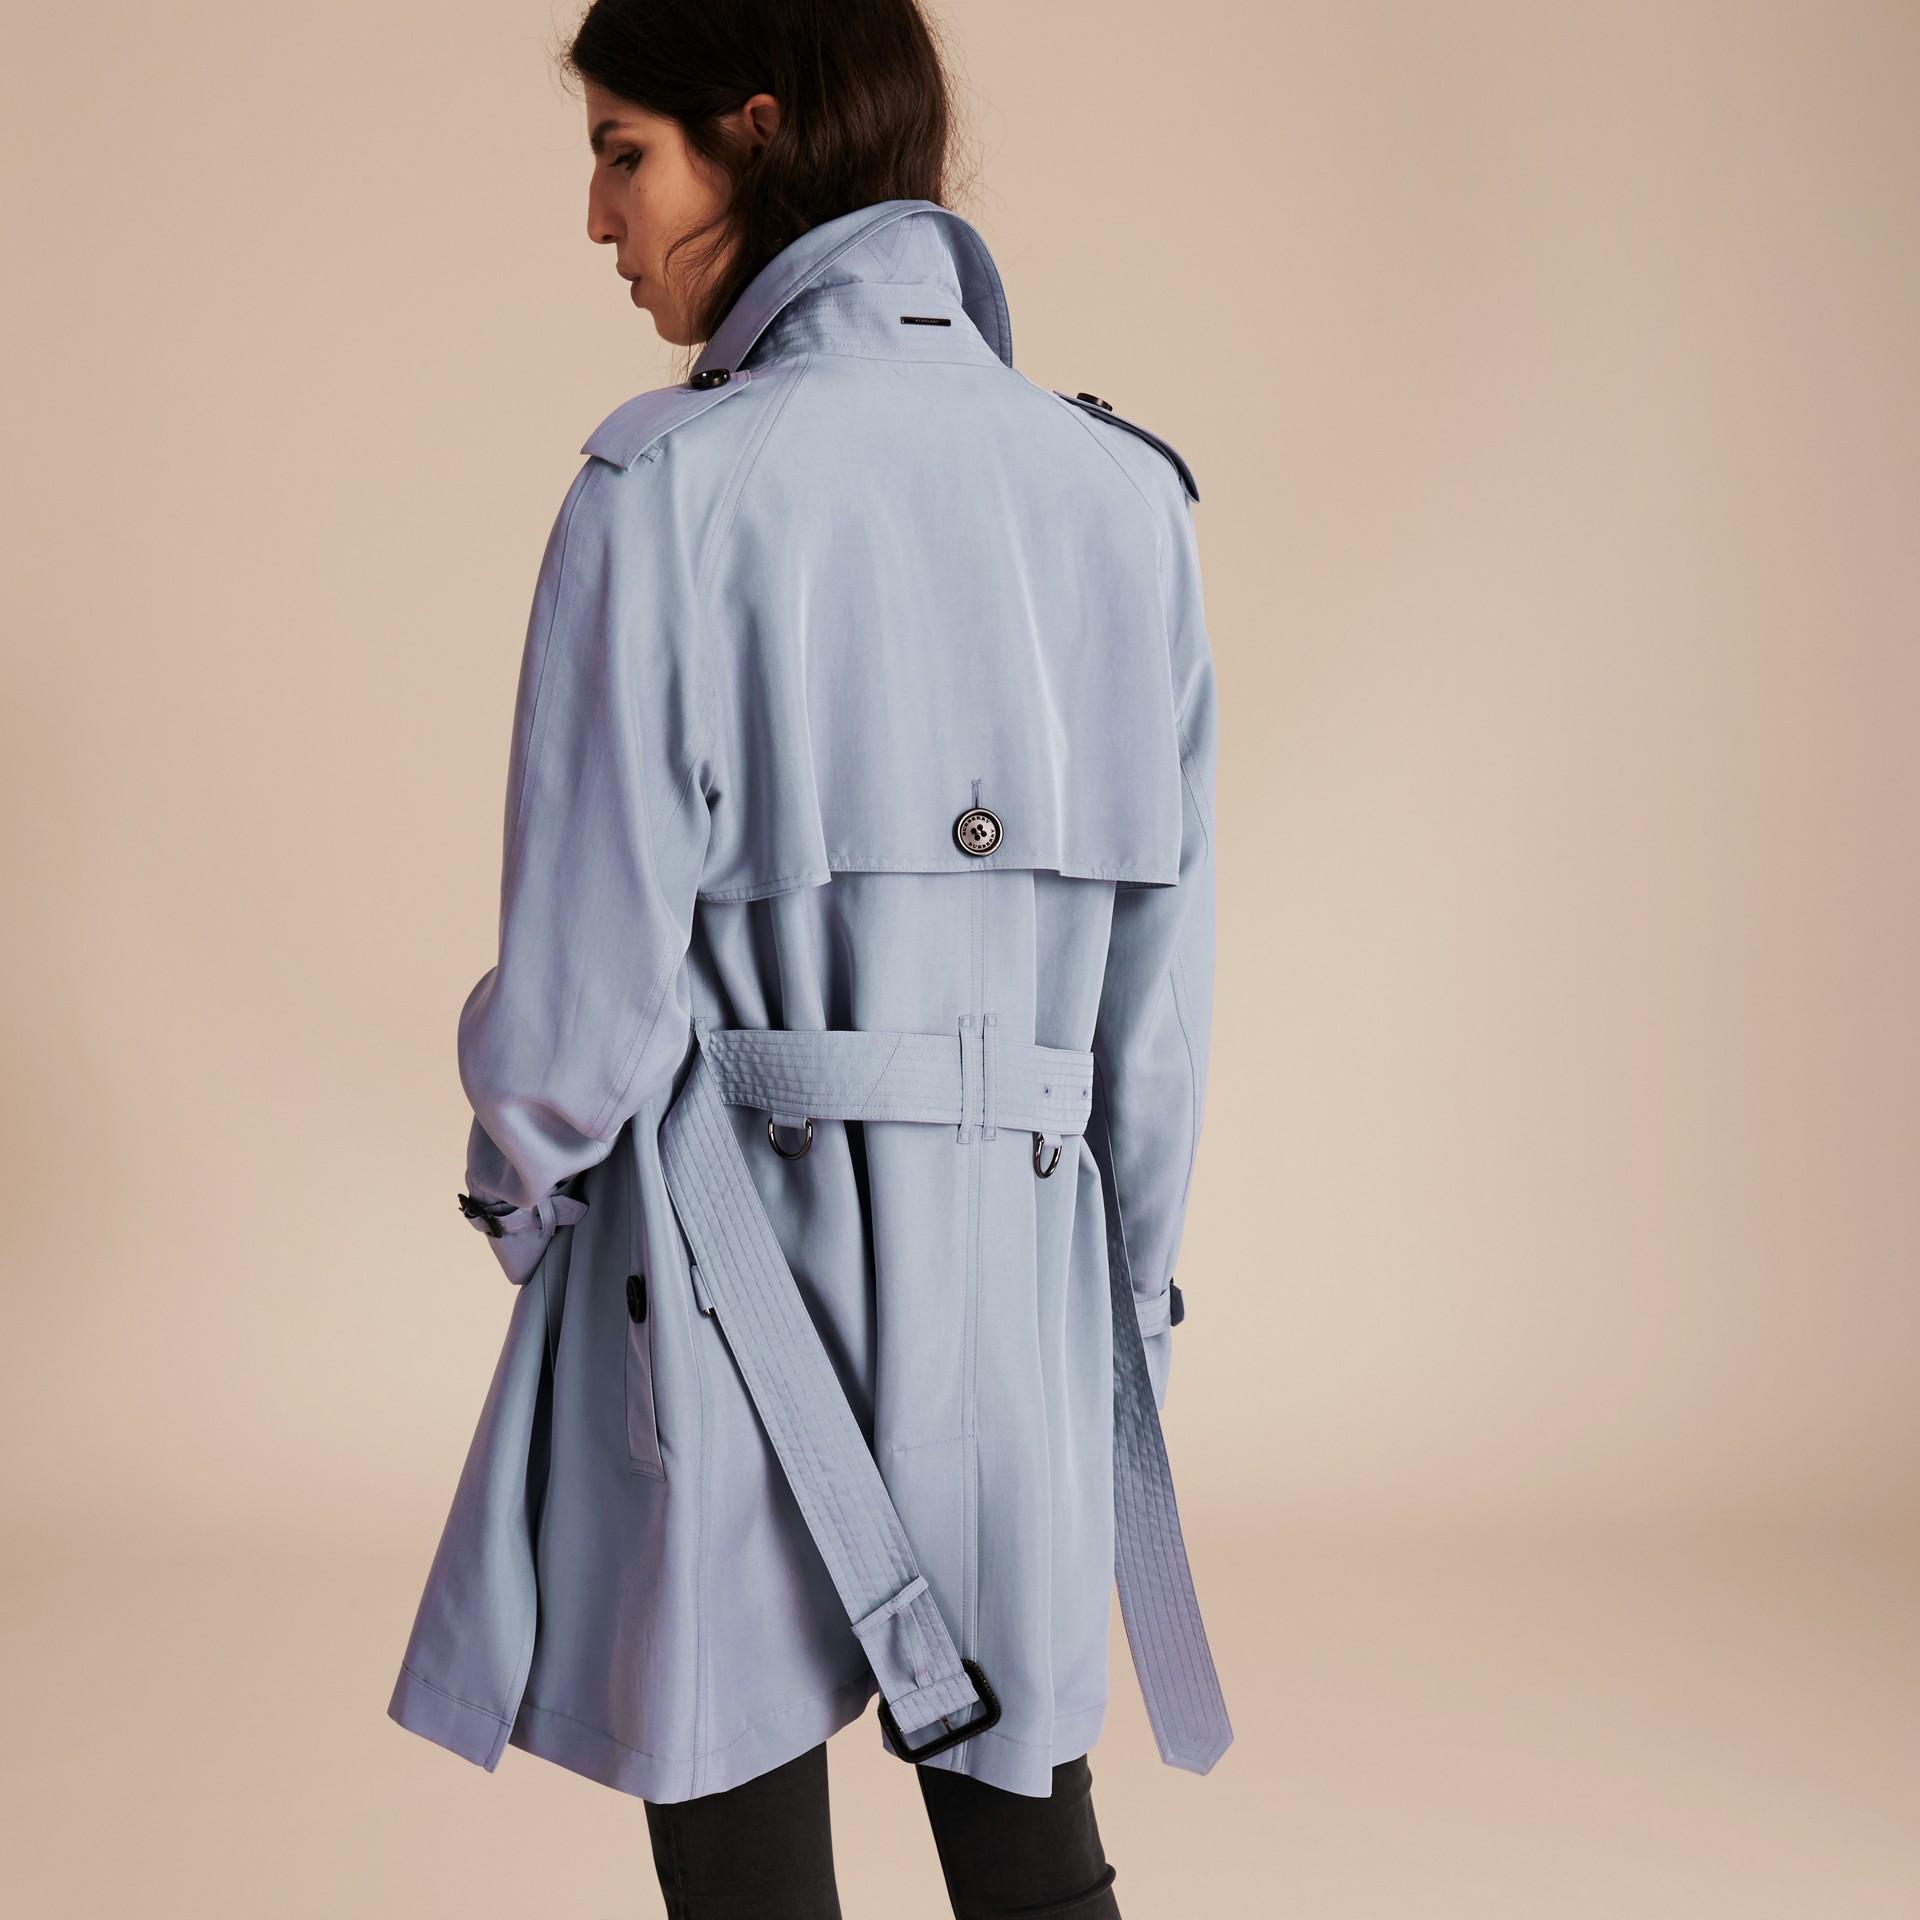 Bleu pâle Trench-coat portefeuille léger en soie flammée - photo de la galerie 3